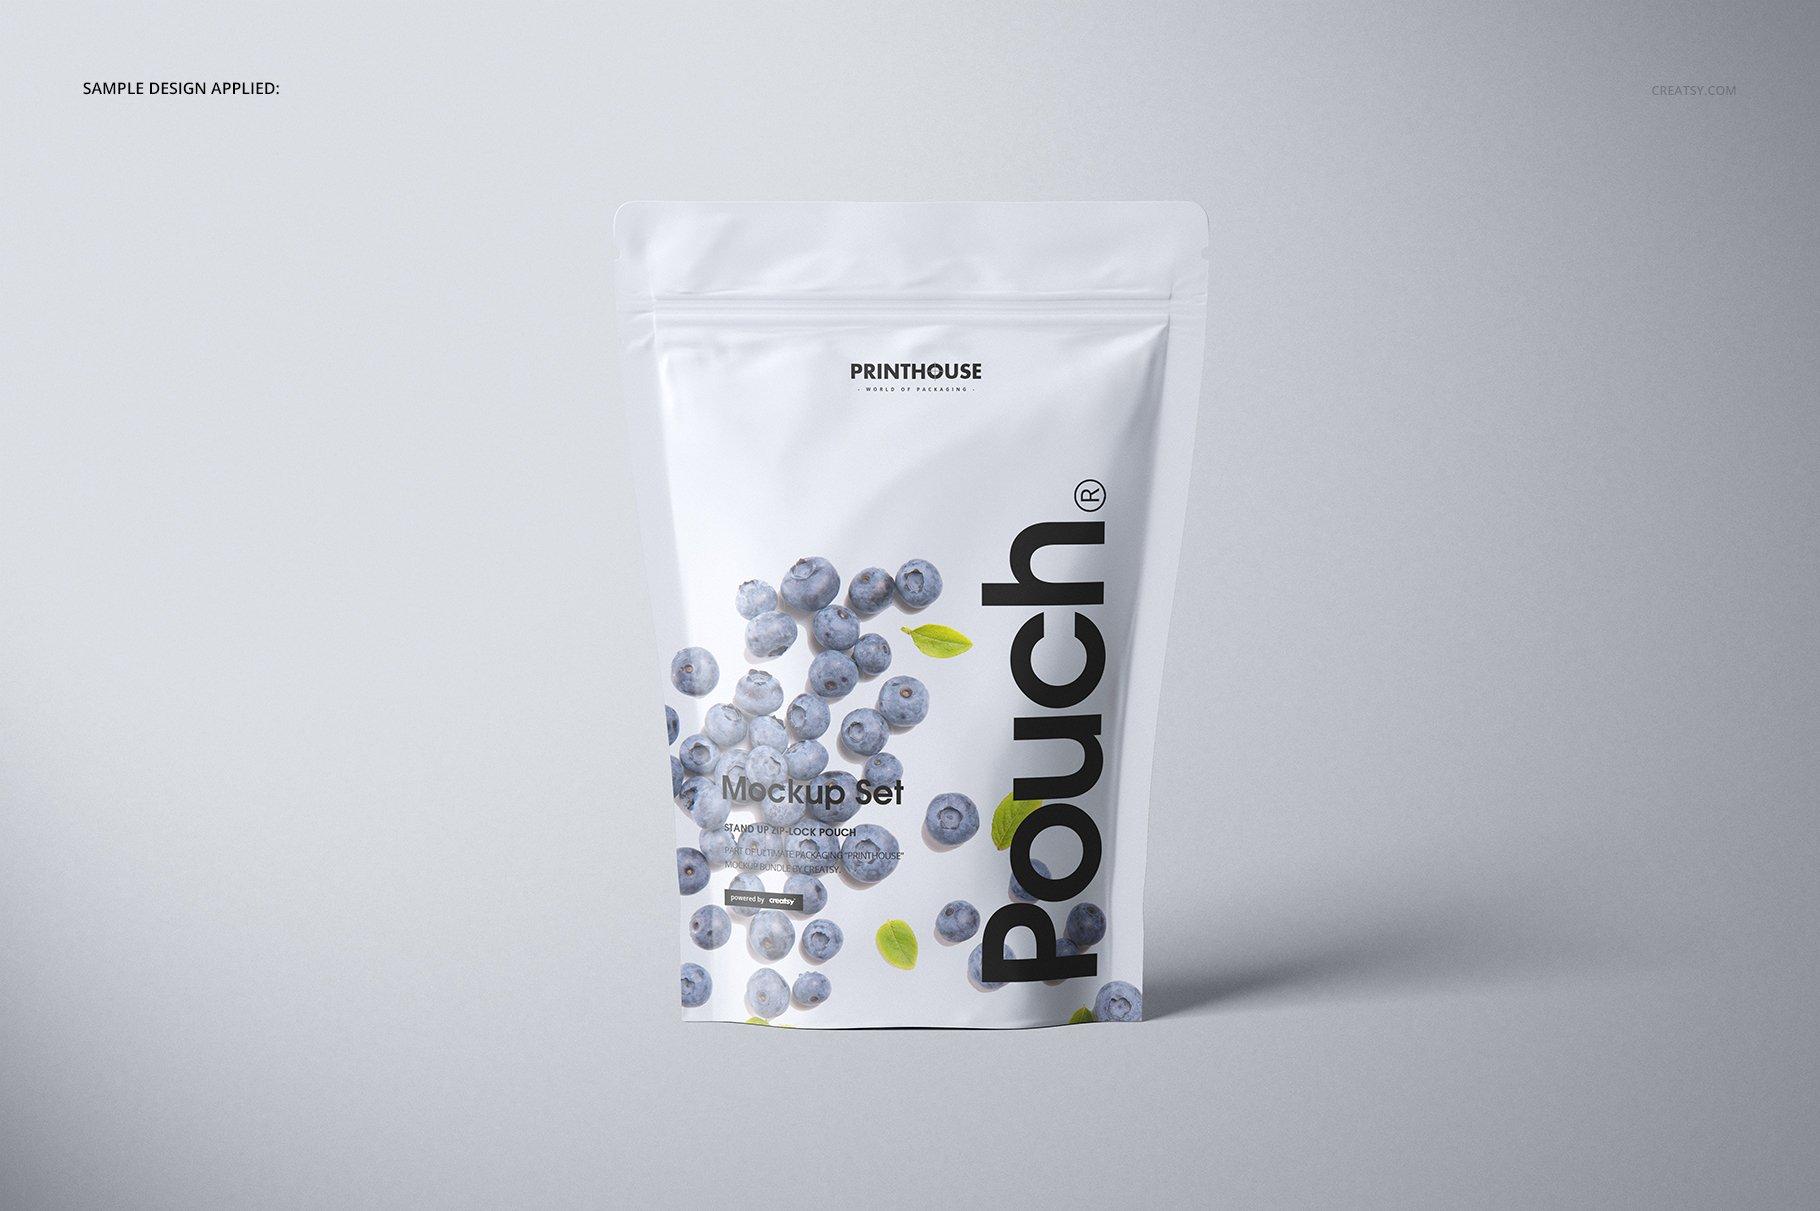 简约立式拉链锁食品自封袋塑料袋设计展示样机合集 Stand Up Pouch (mat) Mockup Set插图(5)